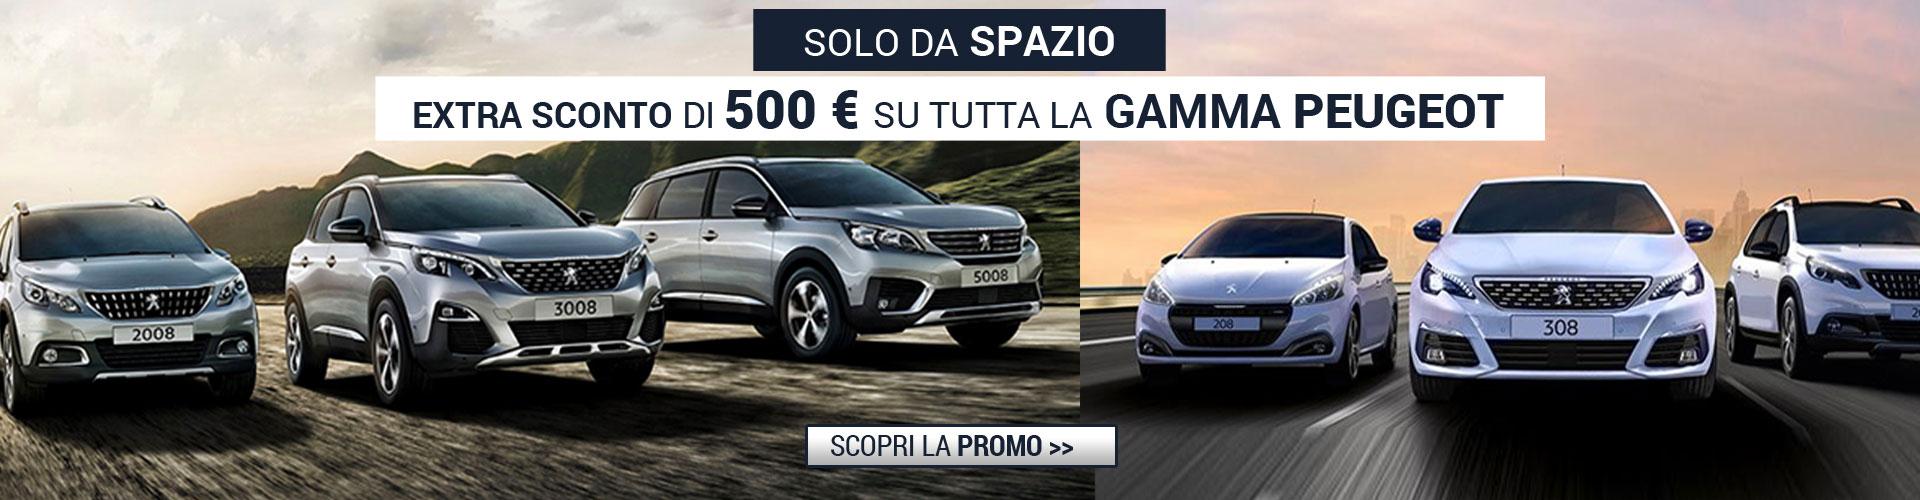 Promo  Gamma Peugeot